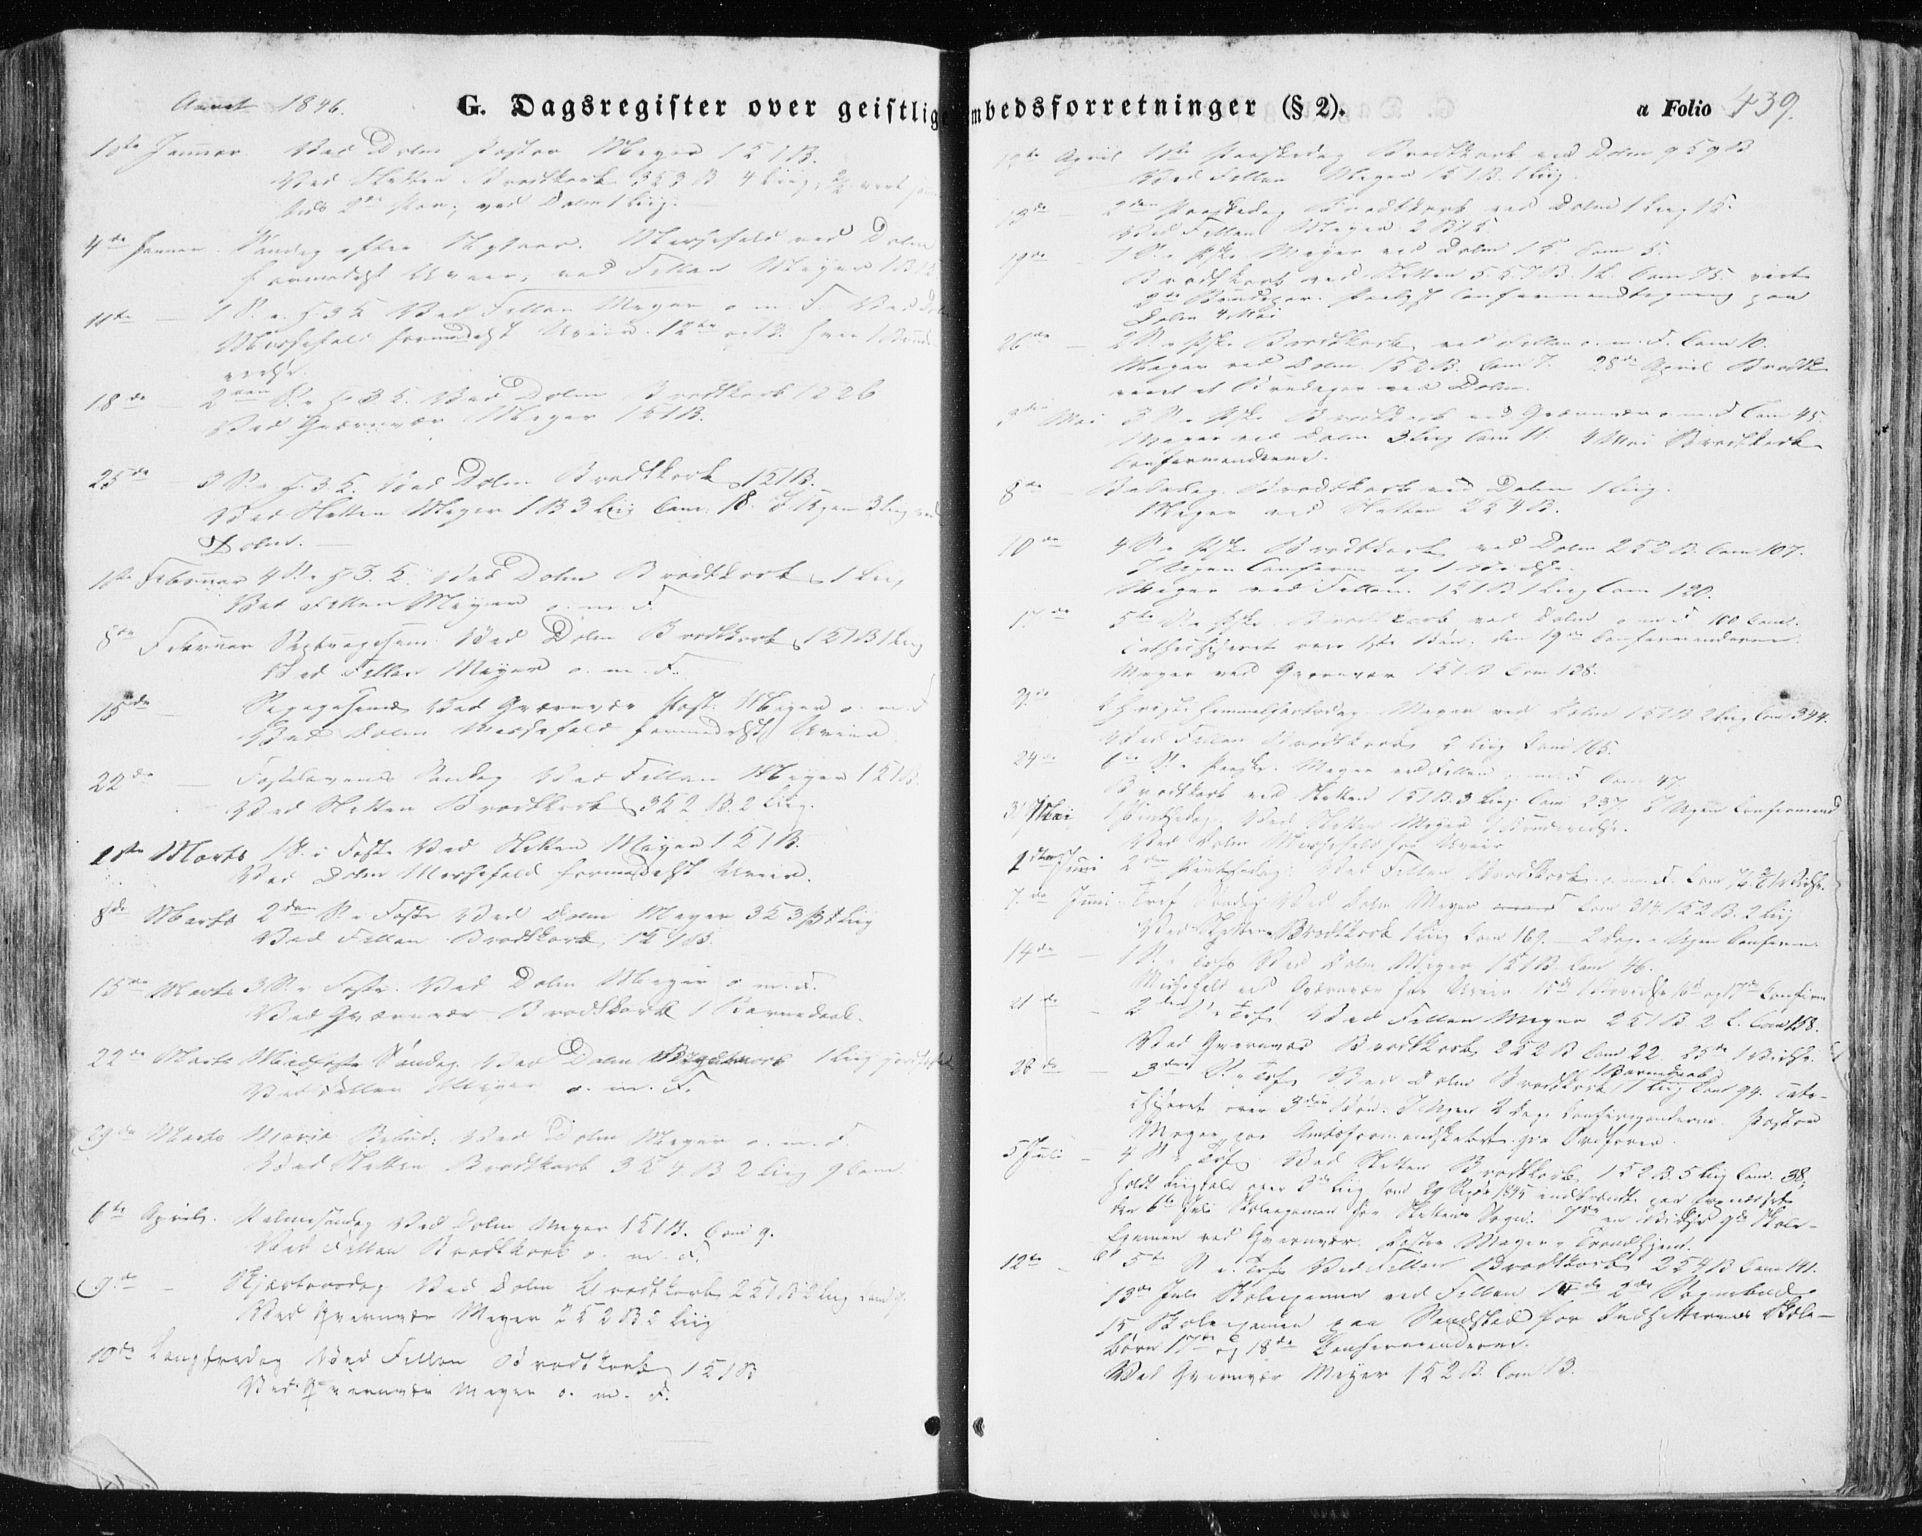 SAT, Ministerialprotokoller, klokkerbøker og fødselsregistre - Sør-Trøndelag, 634/L0529: Ministerialbok nr. 634A05, 1843-1851, s. 439